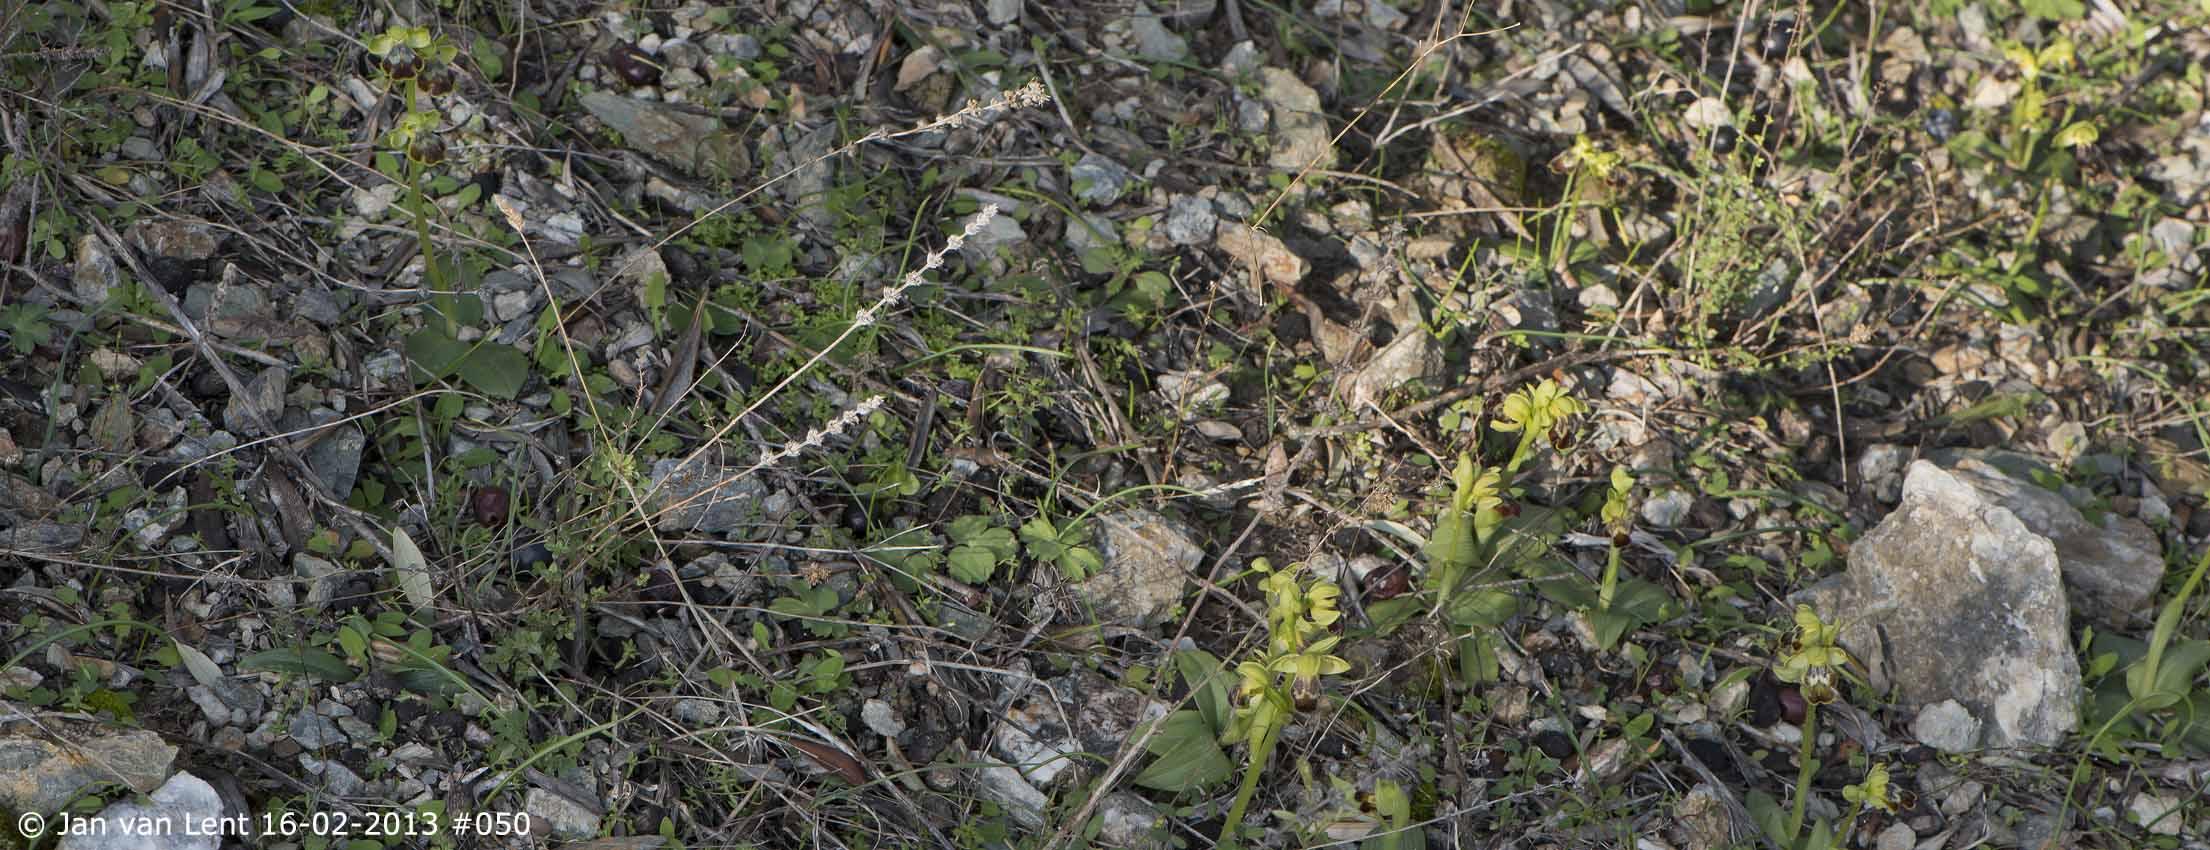 Early Ophrys at Plakés, © JvL 16-02-2013 #050